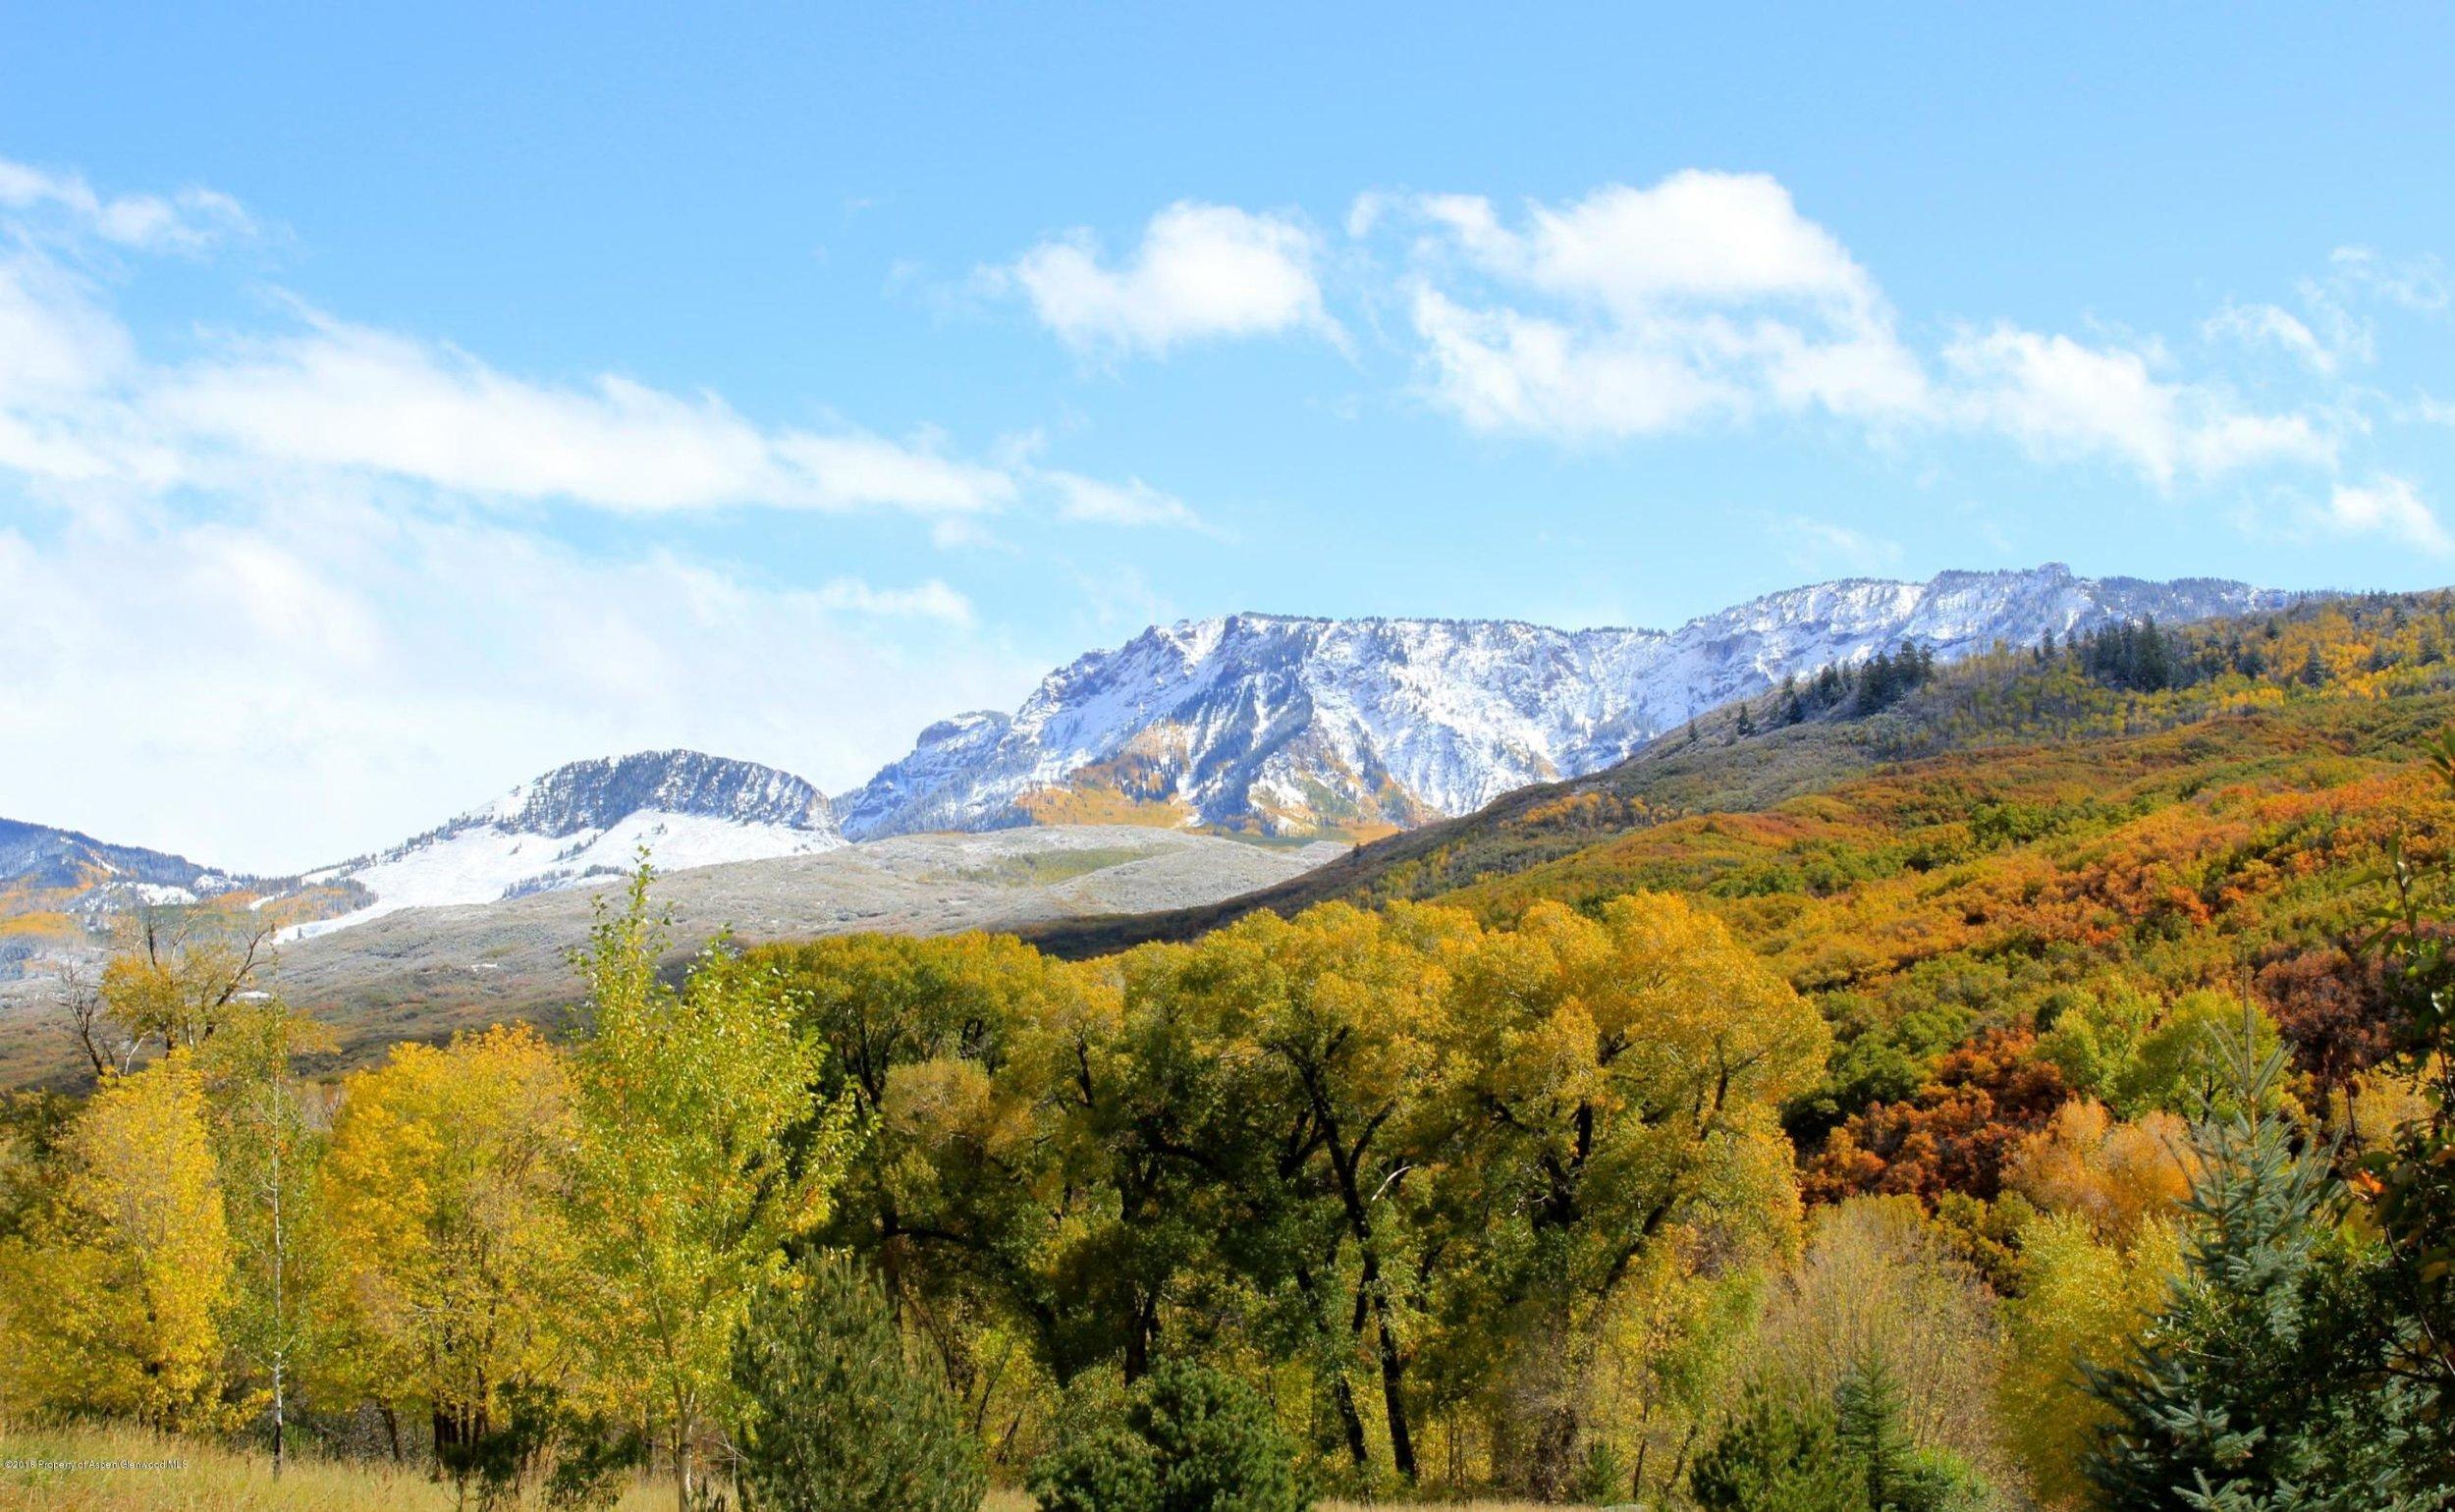 View from Oak Cabin toward West Elks